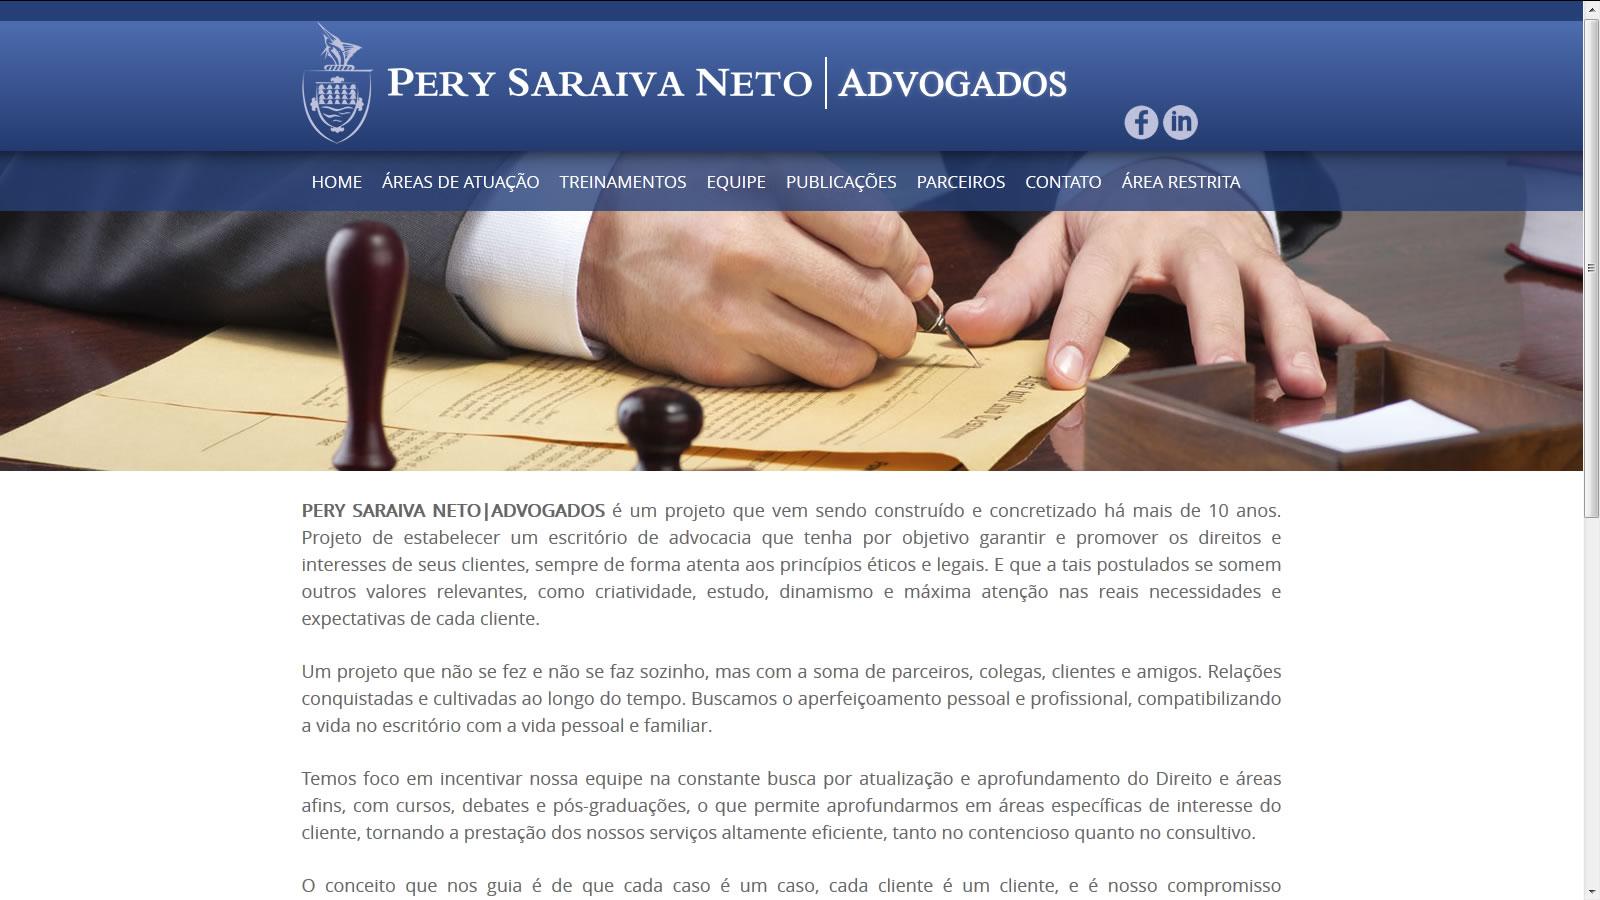 Pery Saraiva Neto